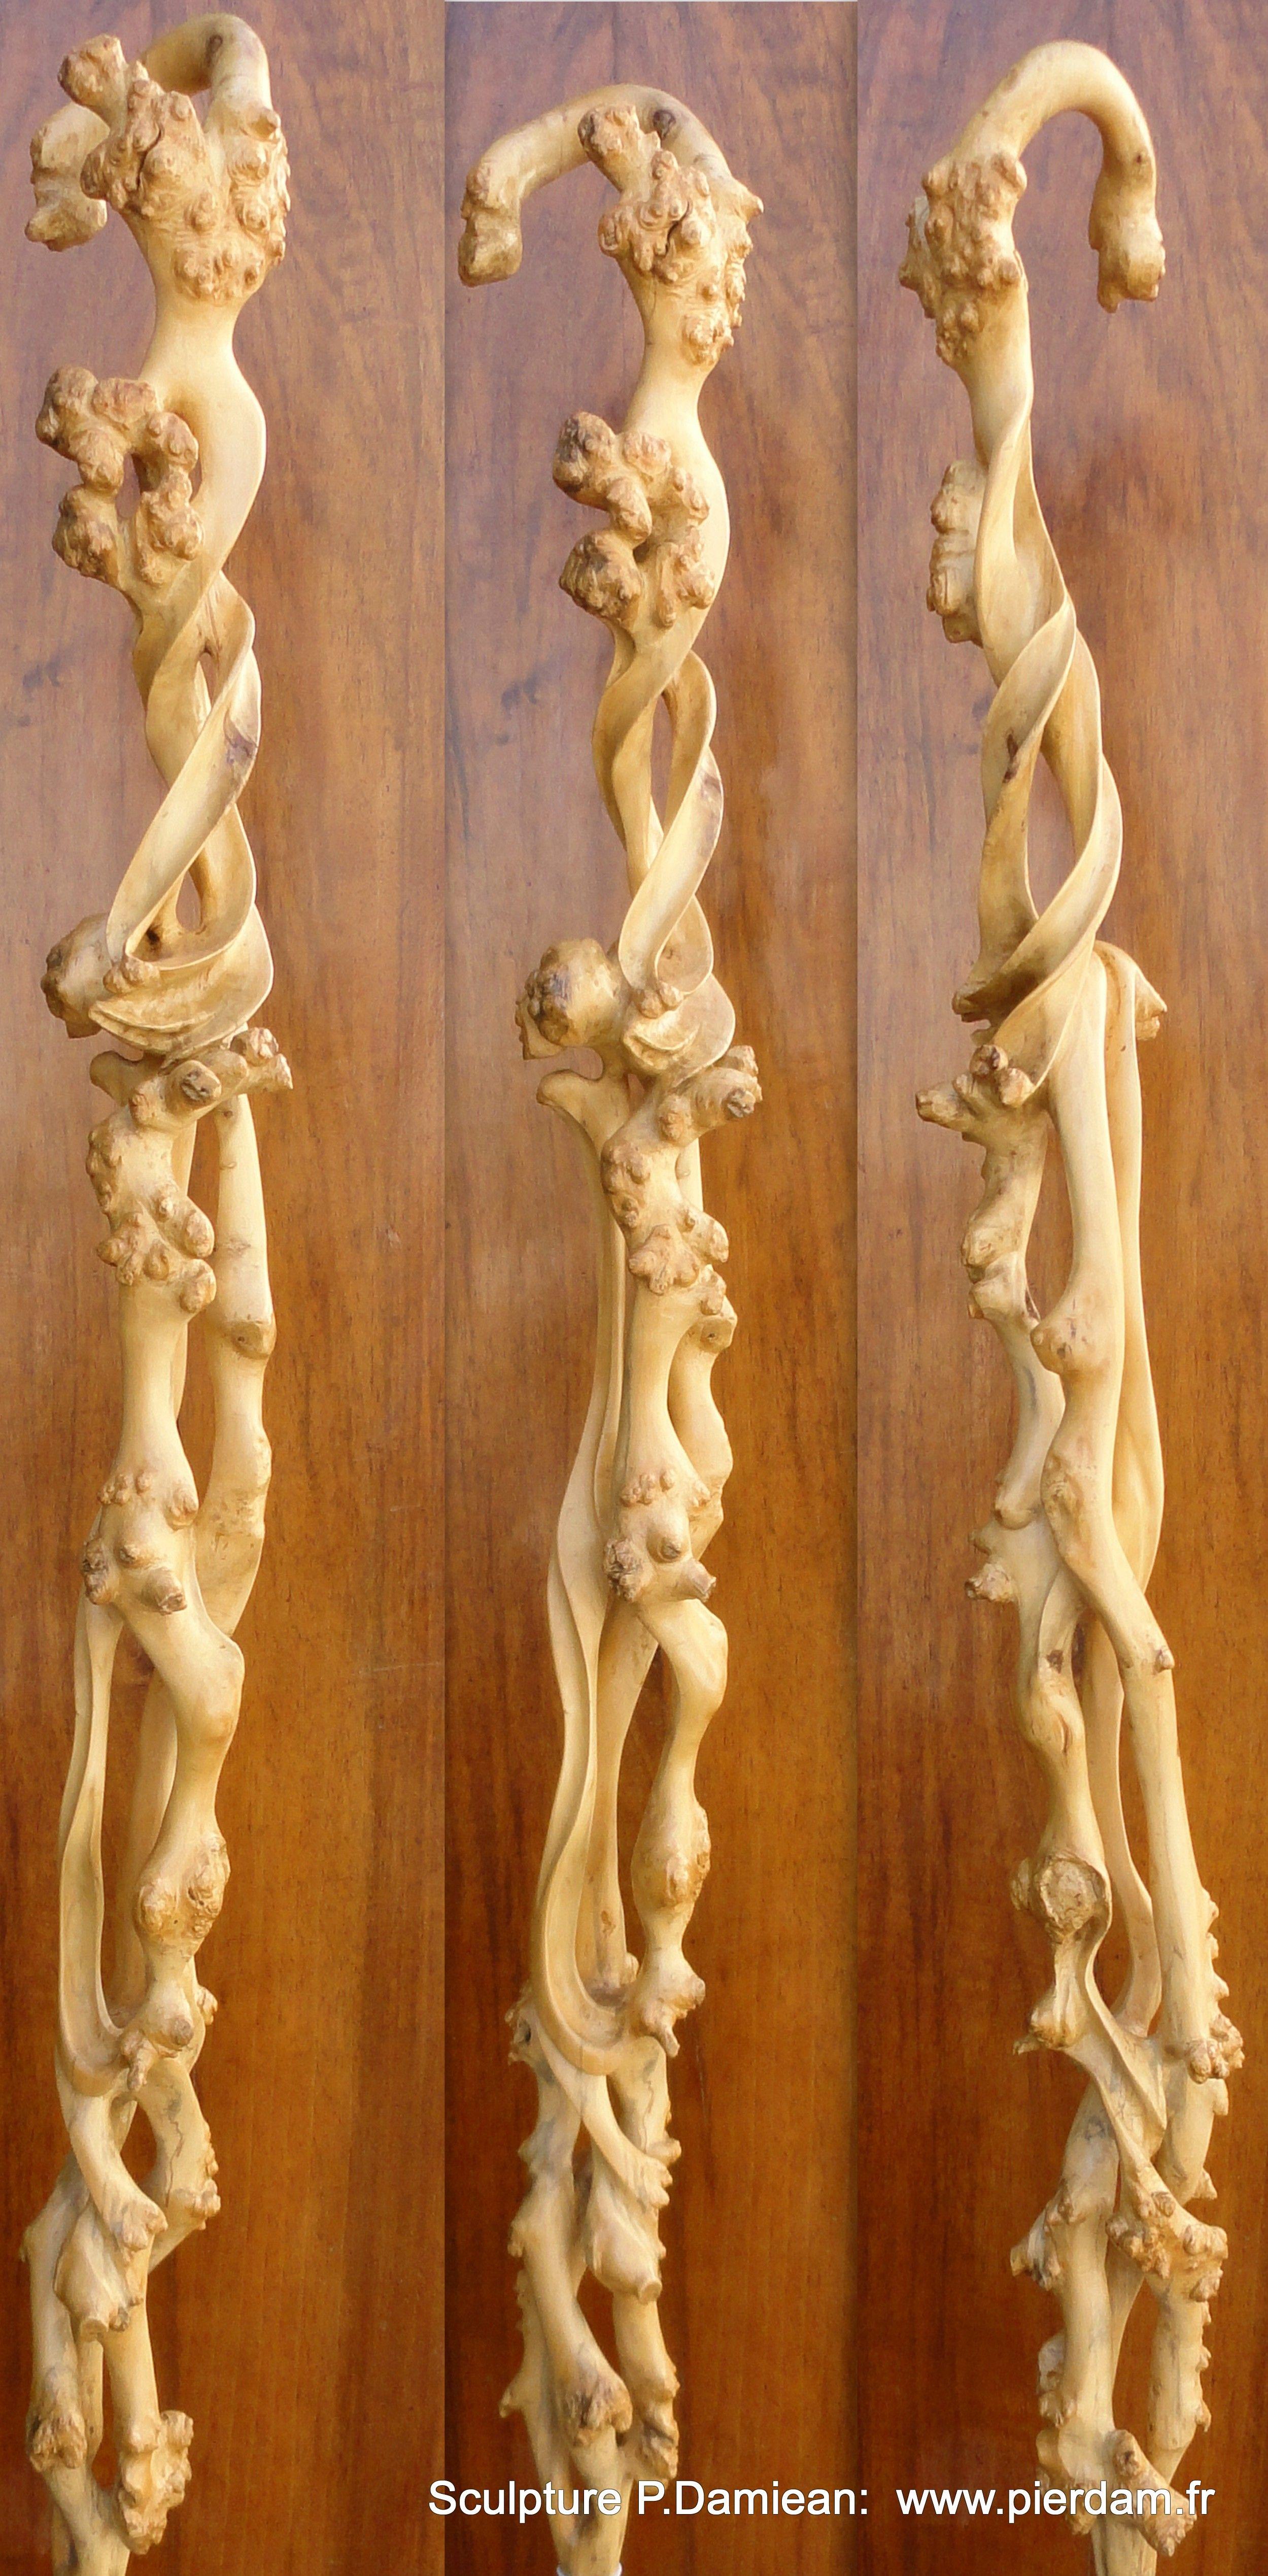 Travail en volutes d un tronc de buis sculpture p